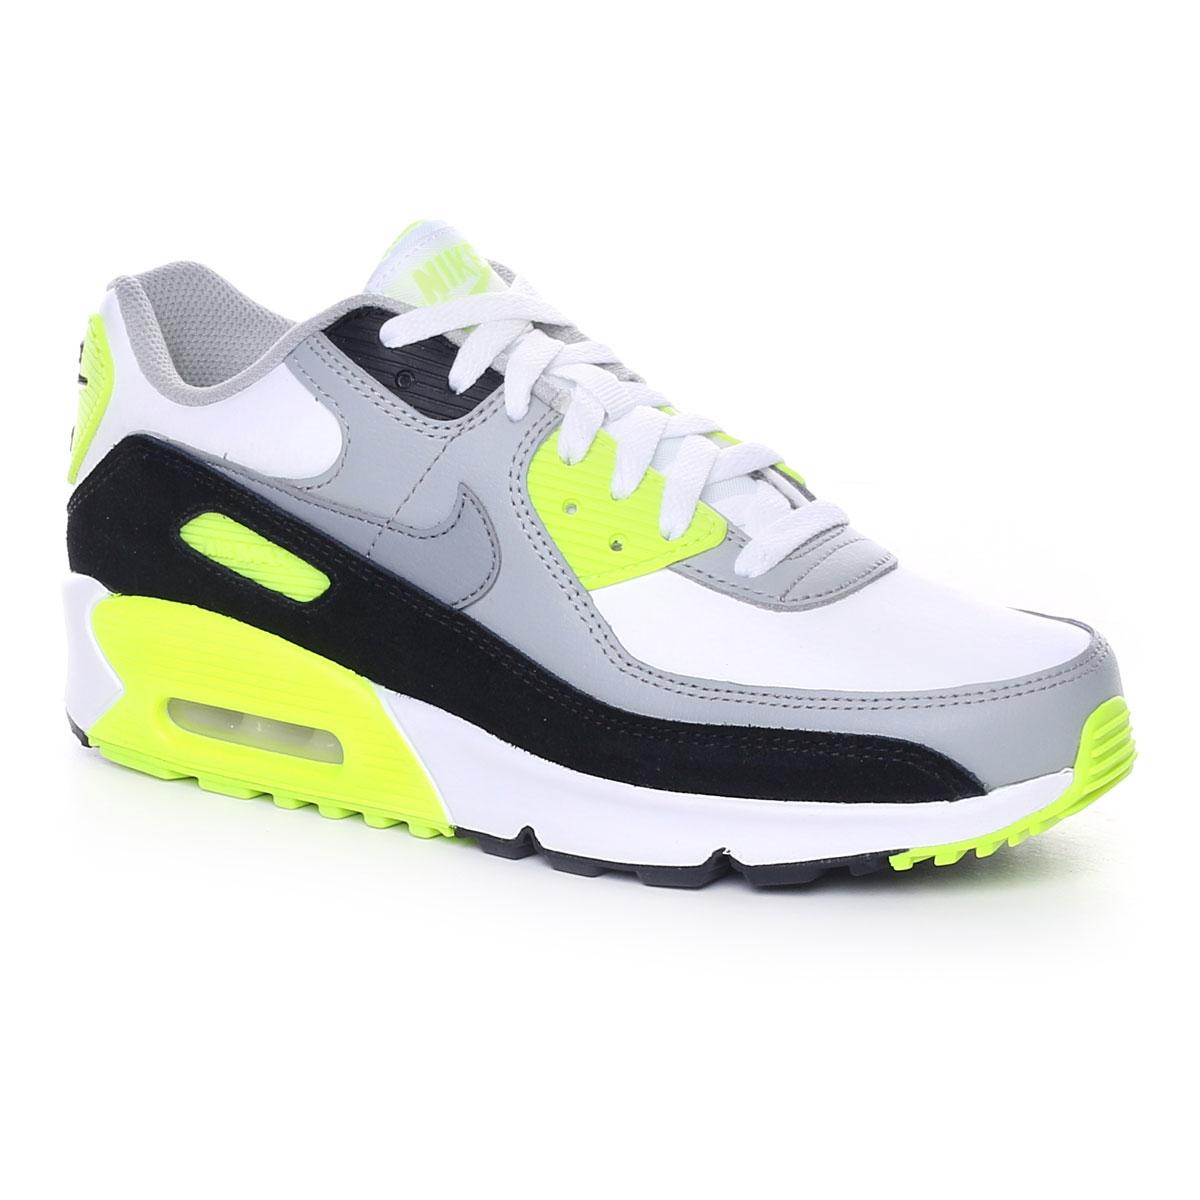 Nike Air Max 90 LTR Gs Grigio Lime